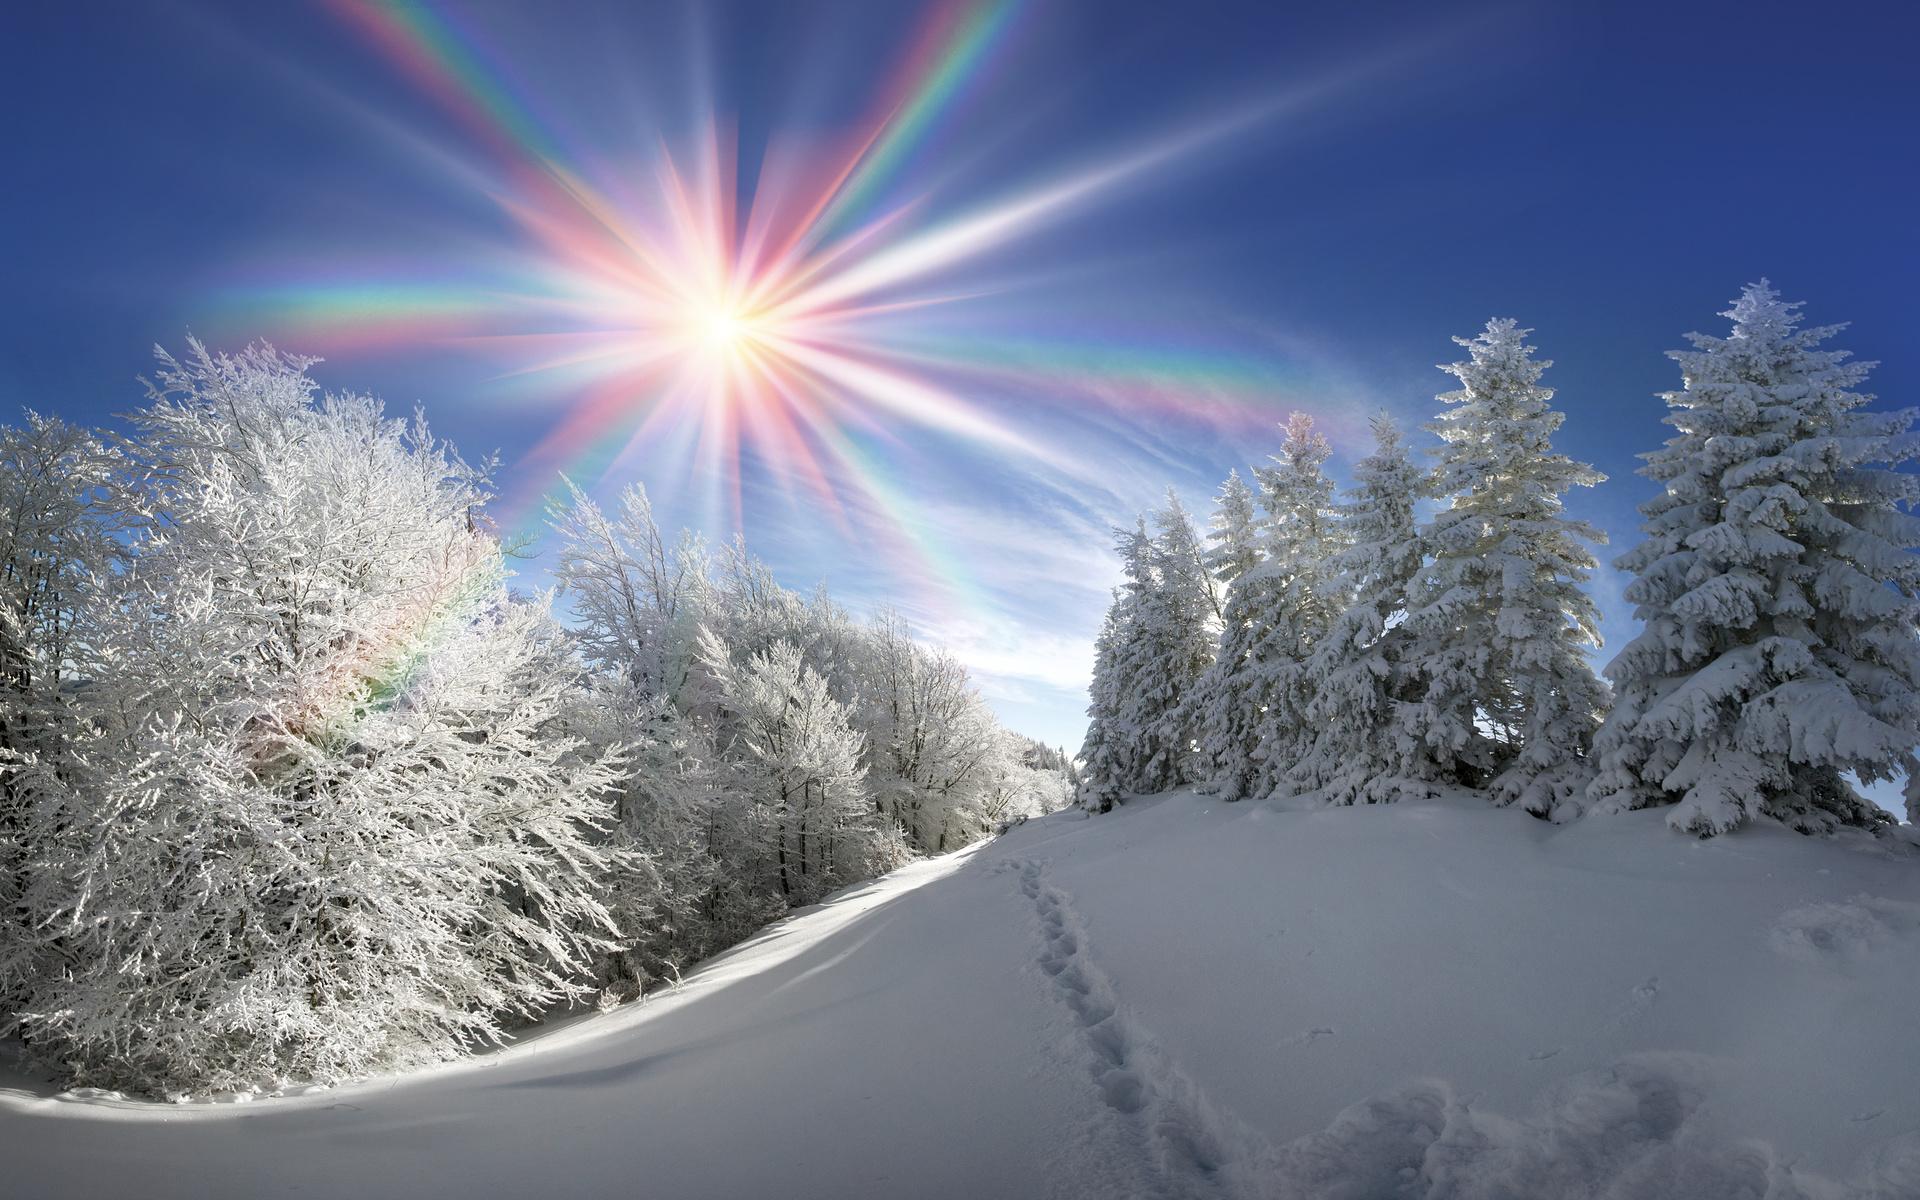 красивые картинки снегопада днем данном случае имеются